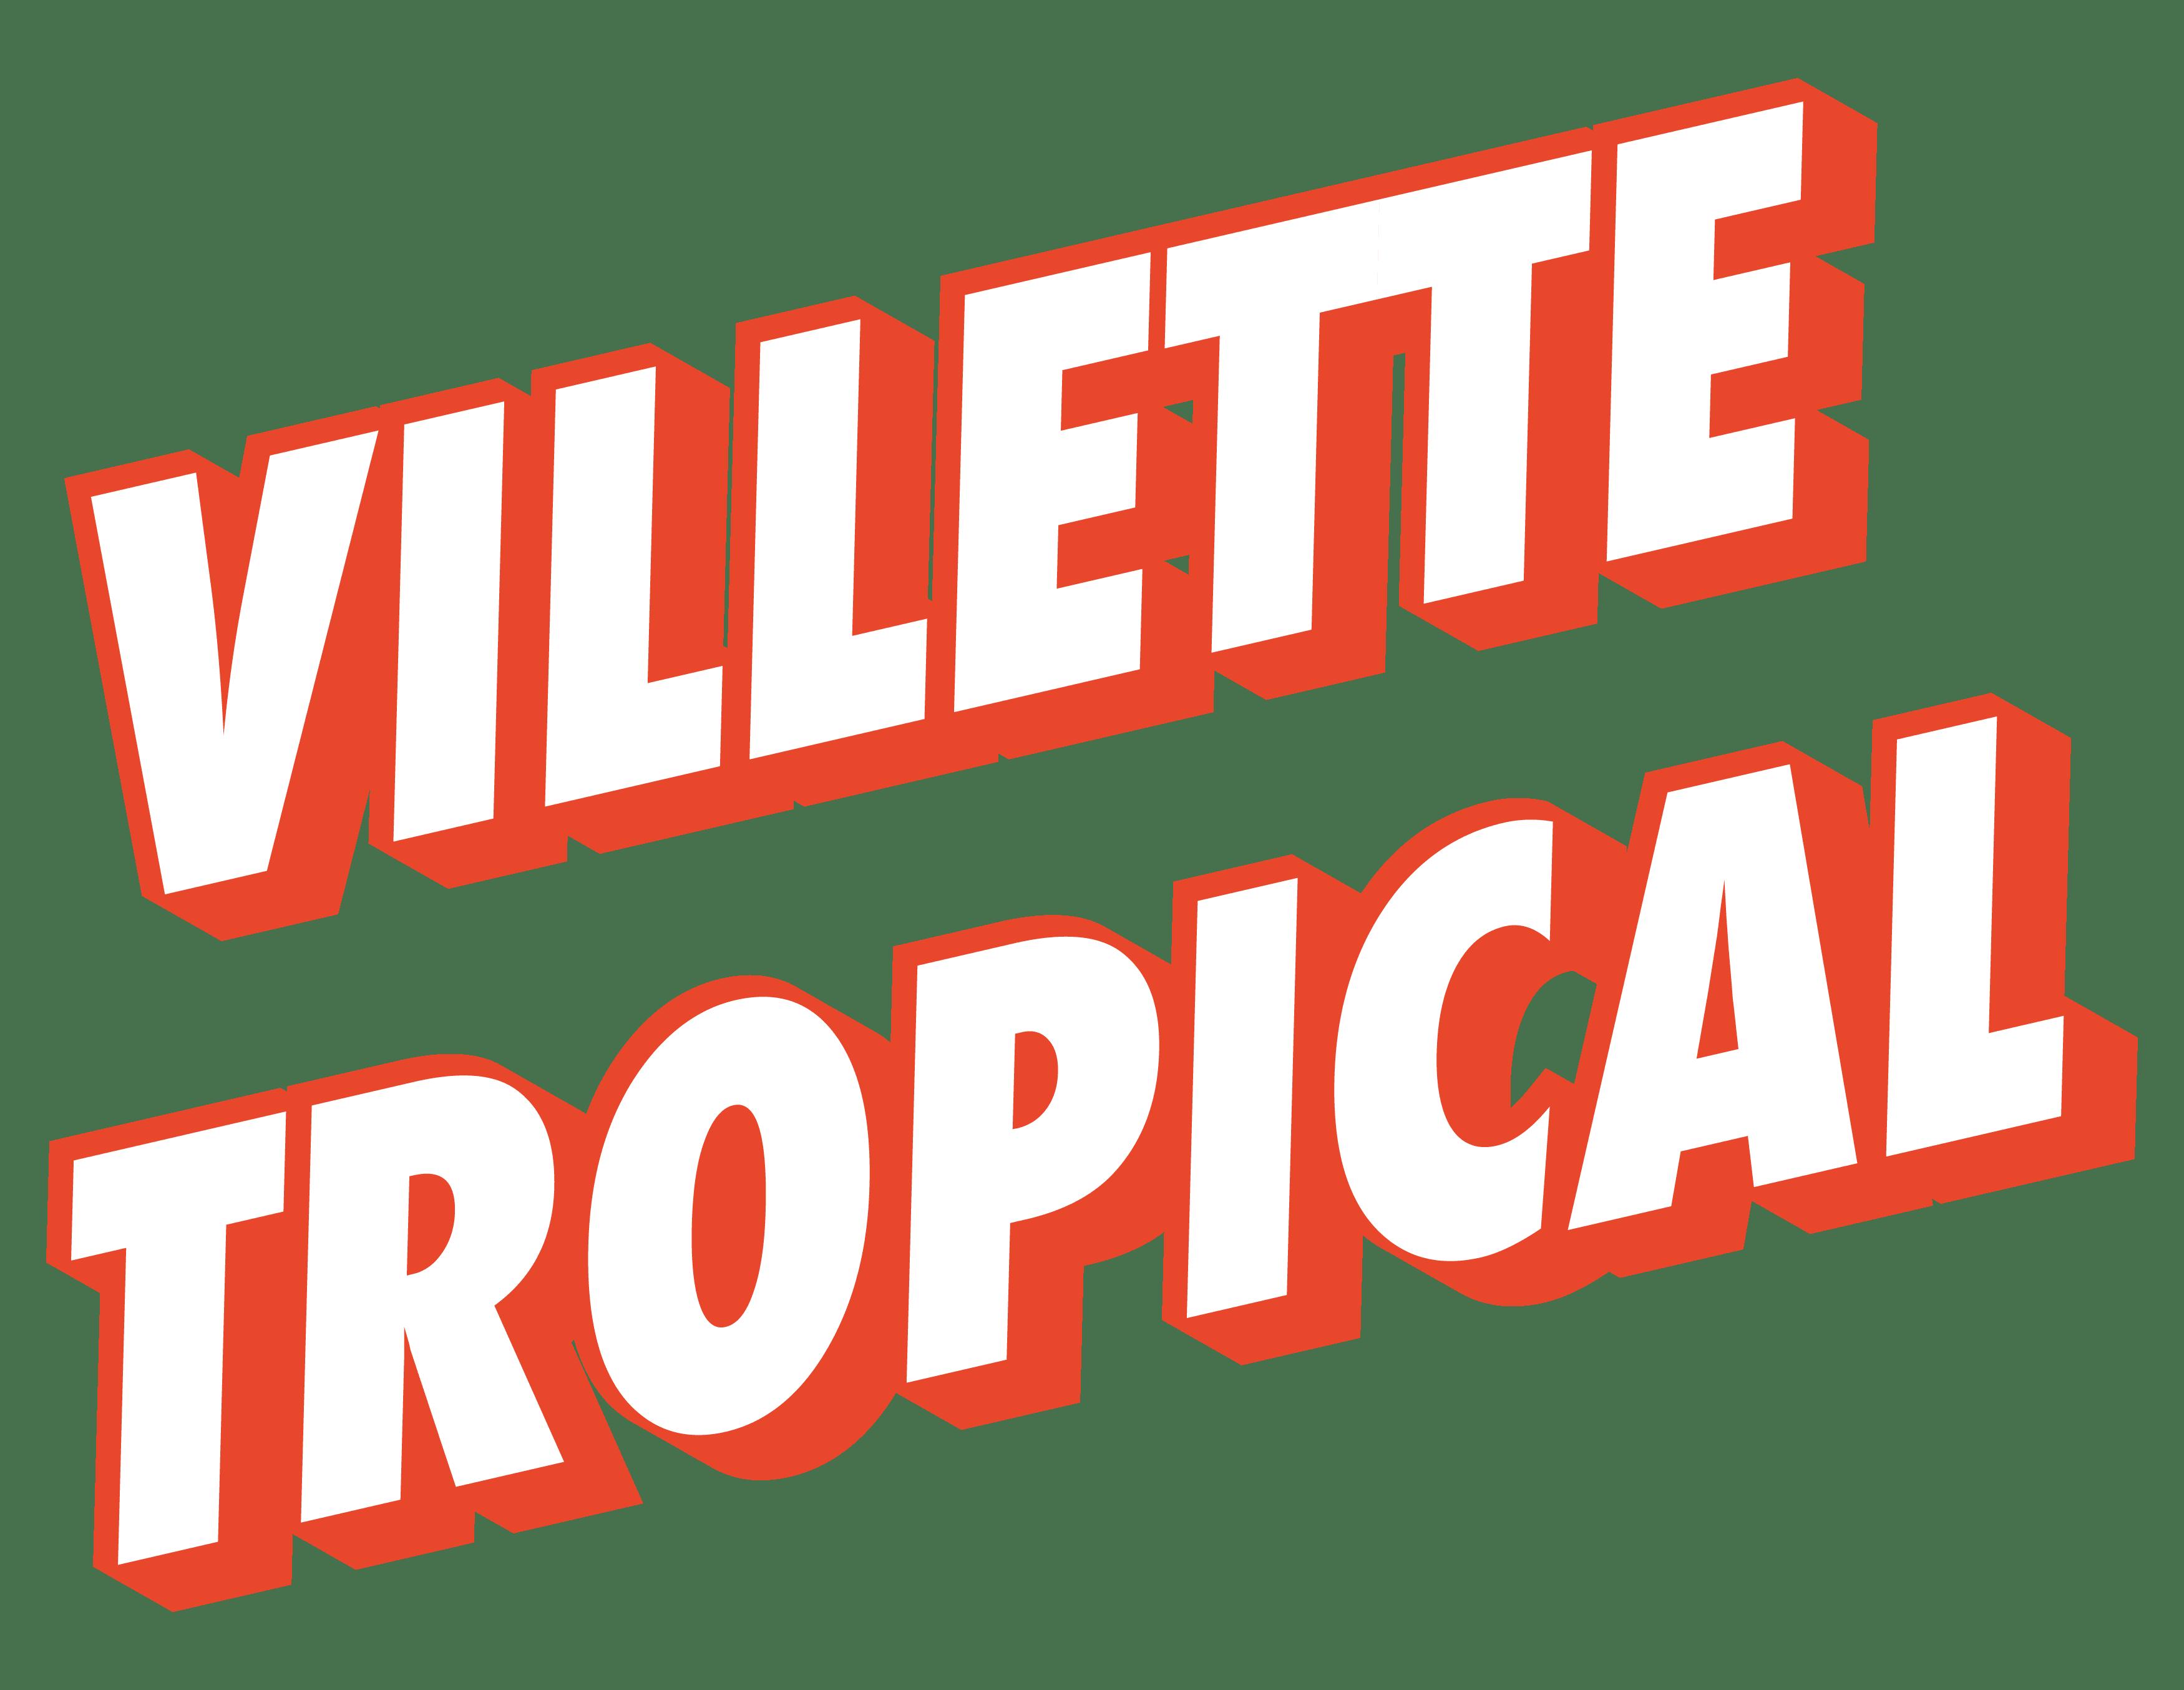 Villette Tropical